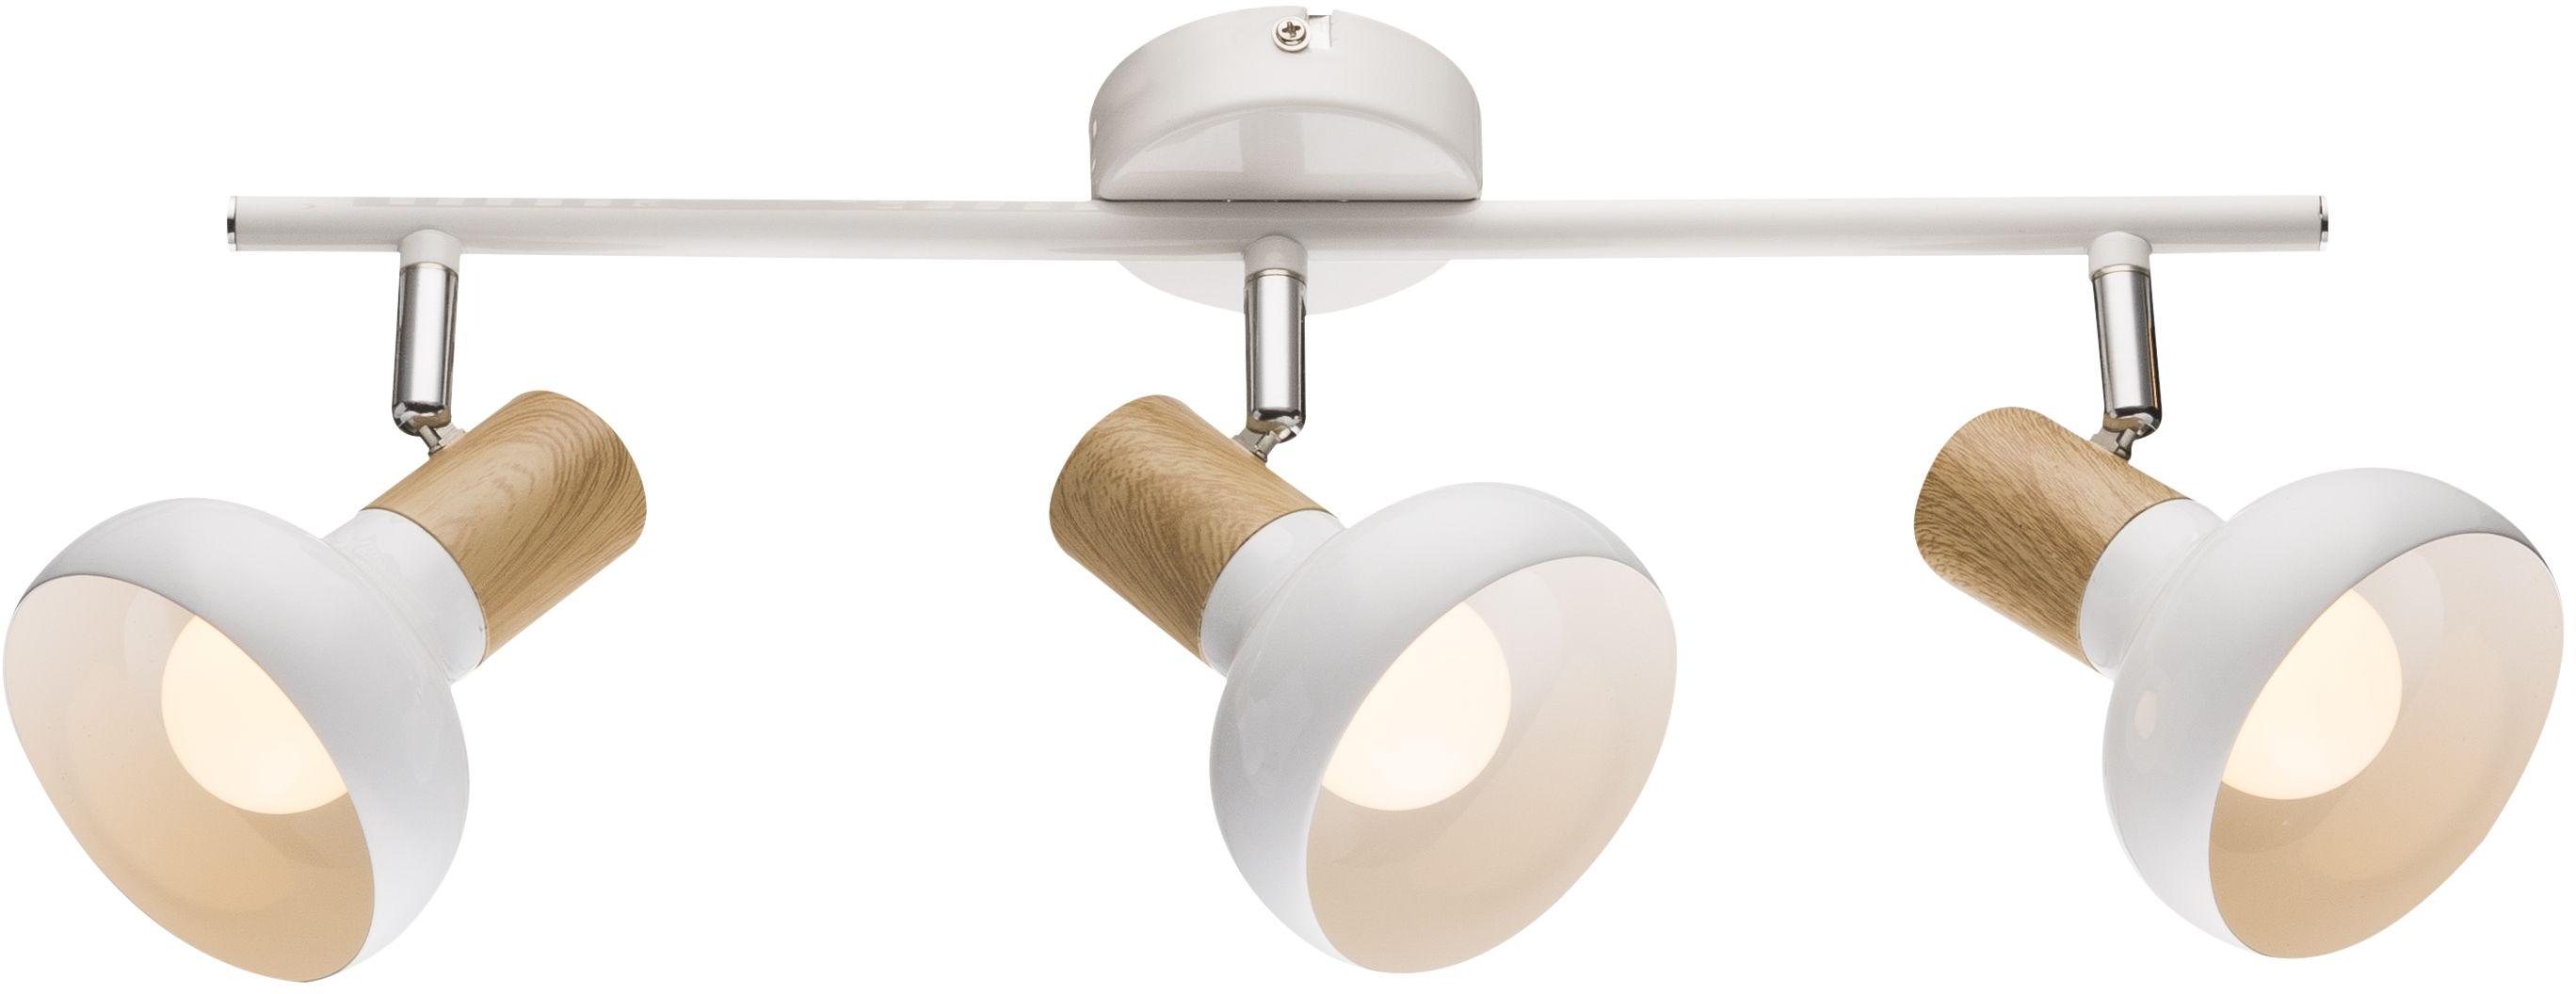 Candellux PUERTO 93-62673 listwa oświetleniowa biała 3X40W E14 regulacja klosza 53cm